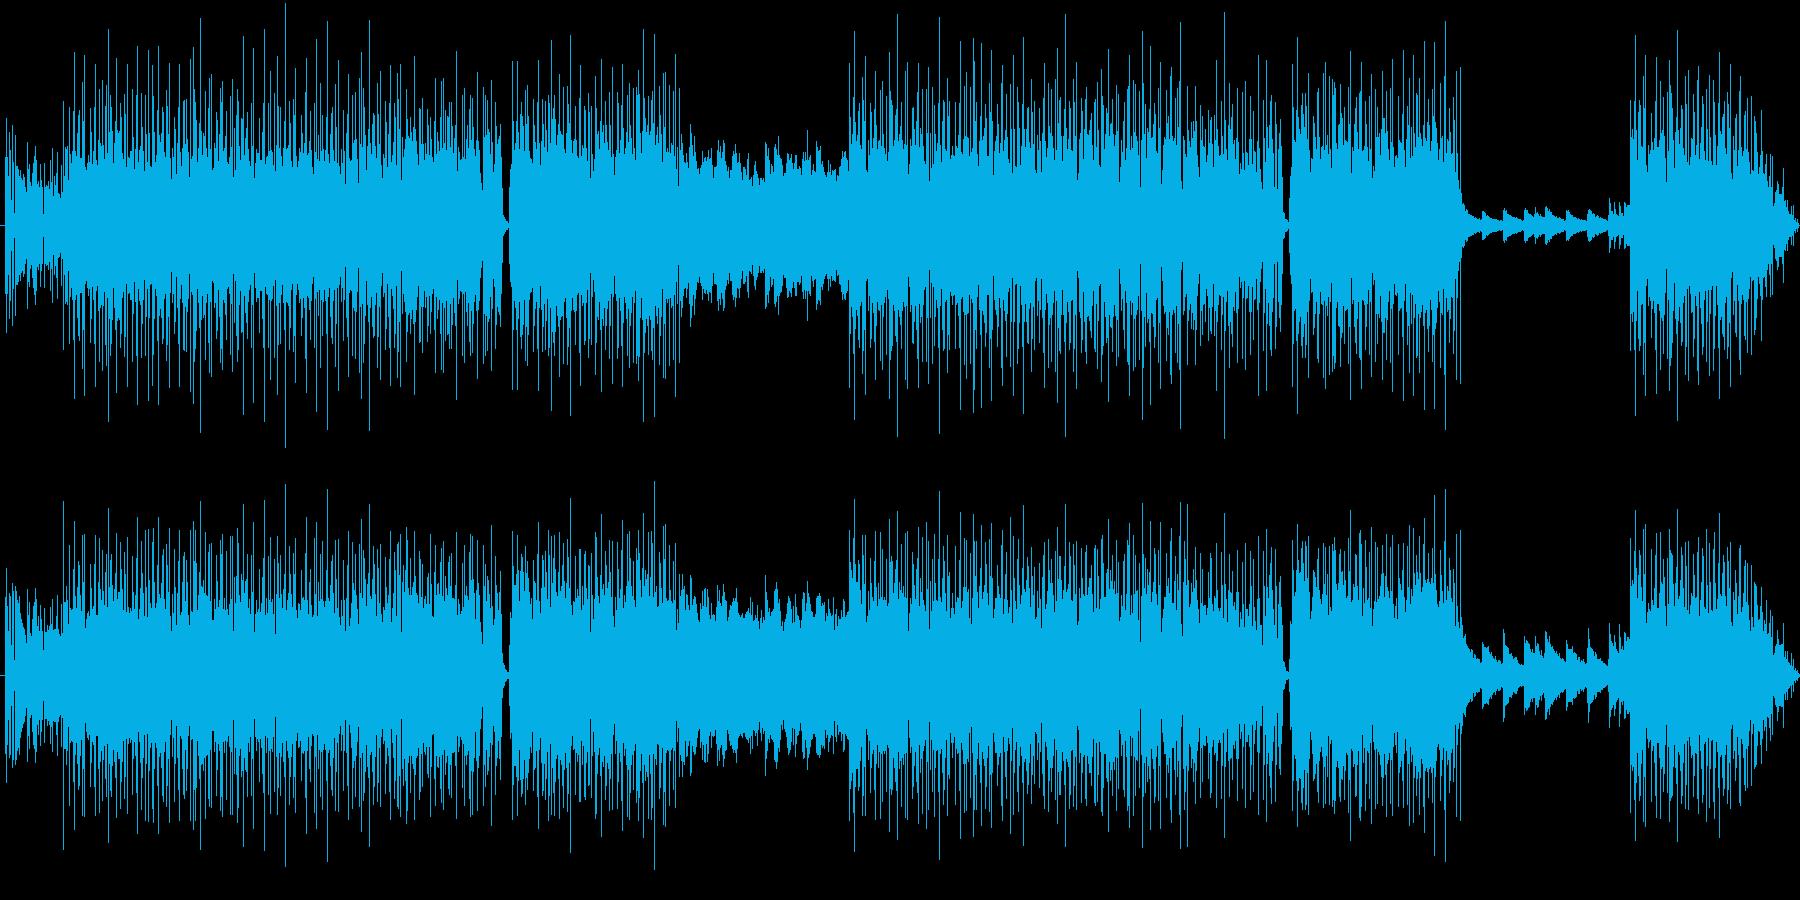 疾走感のあるフュージョン曲の再生済みの波形